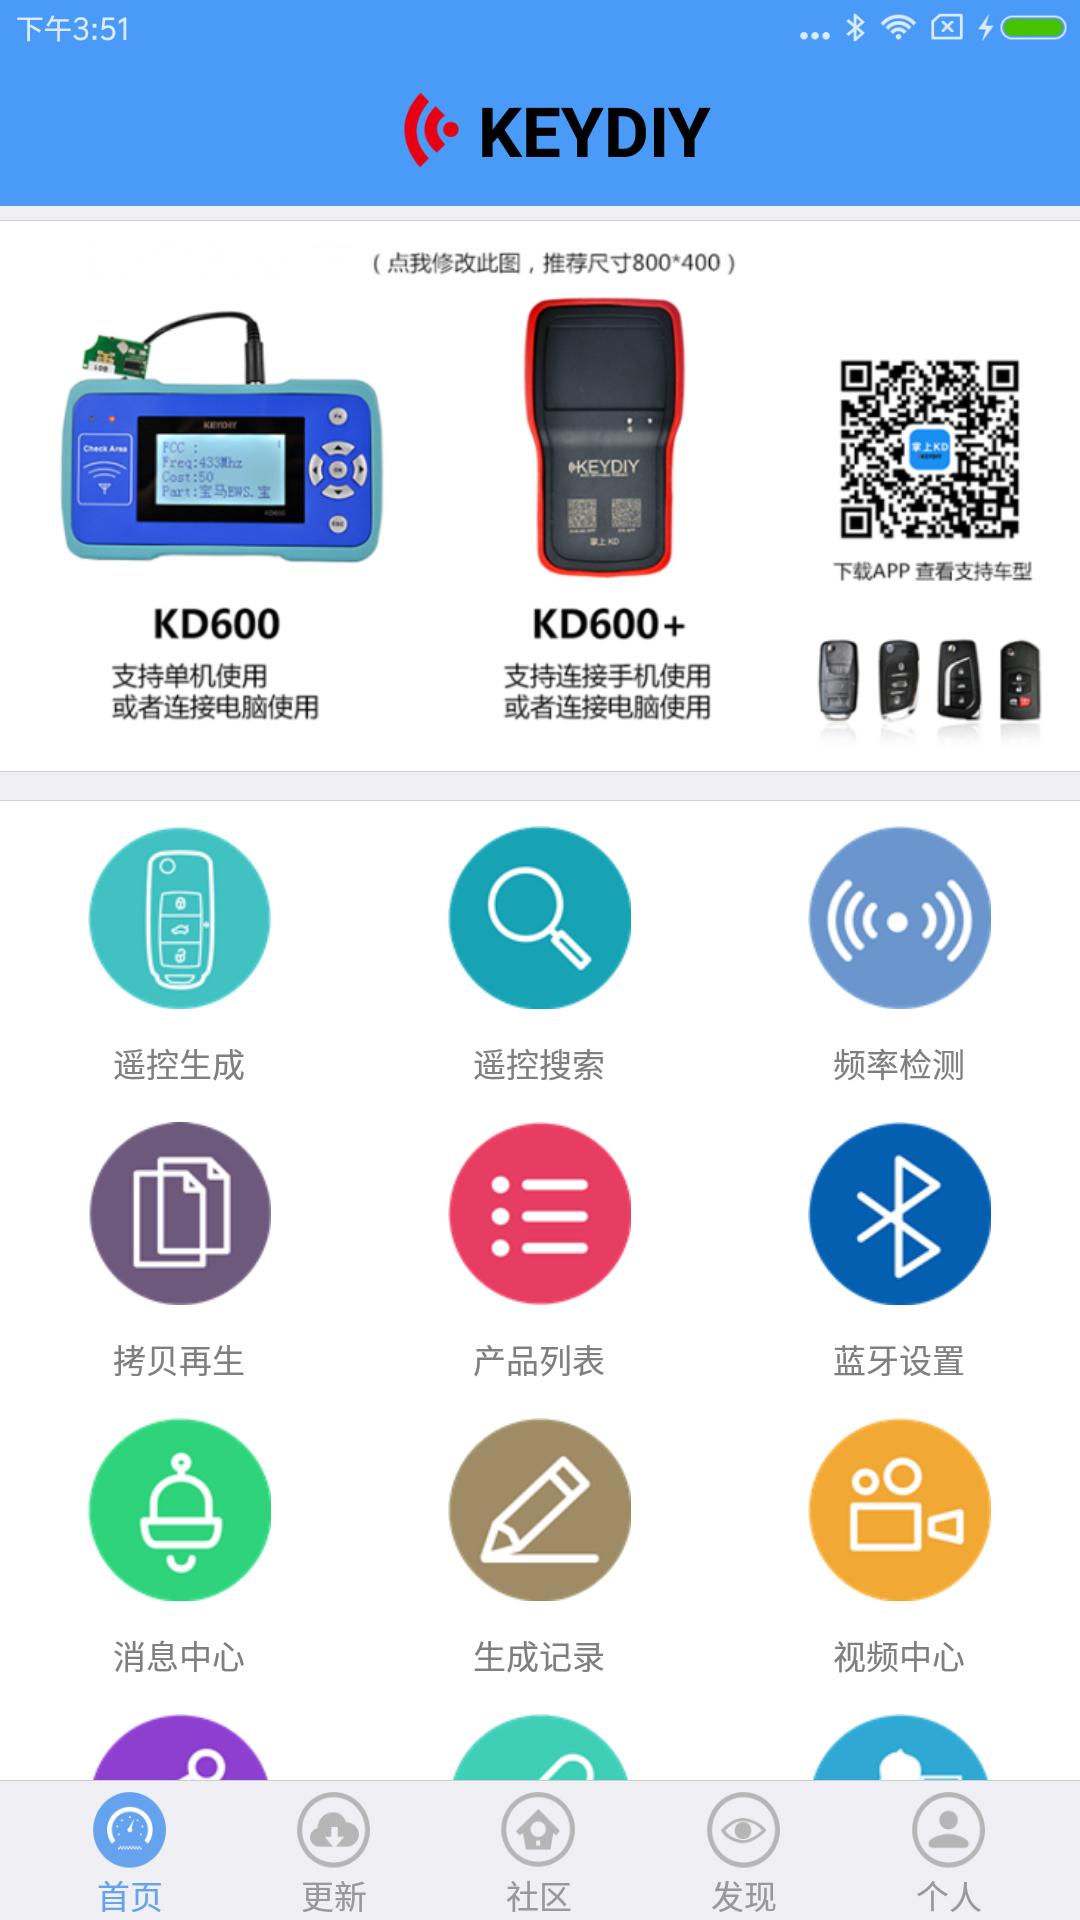 掌上KD app苹果版官方下载图1: